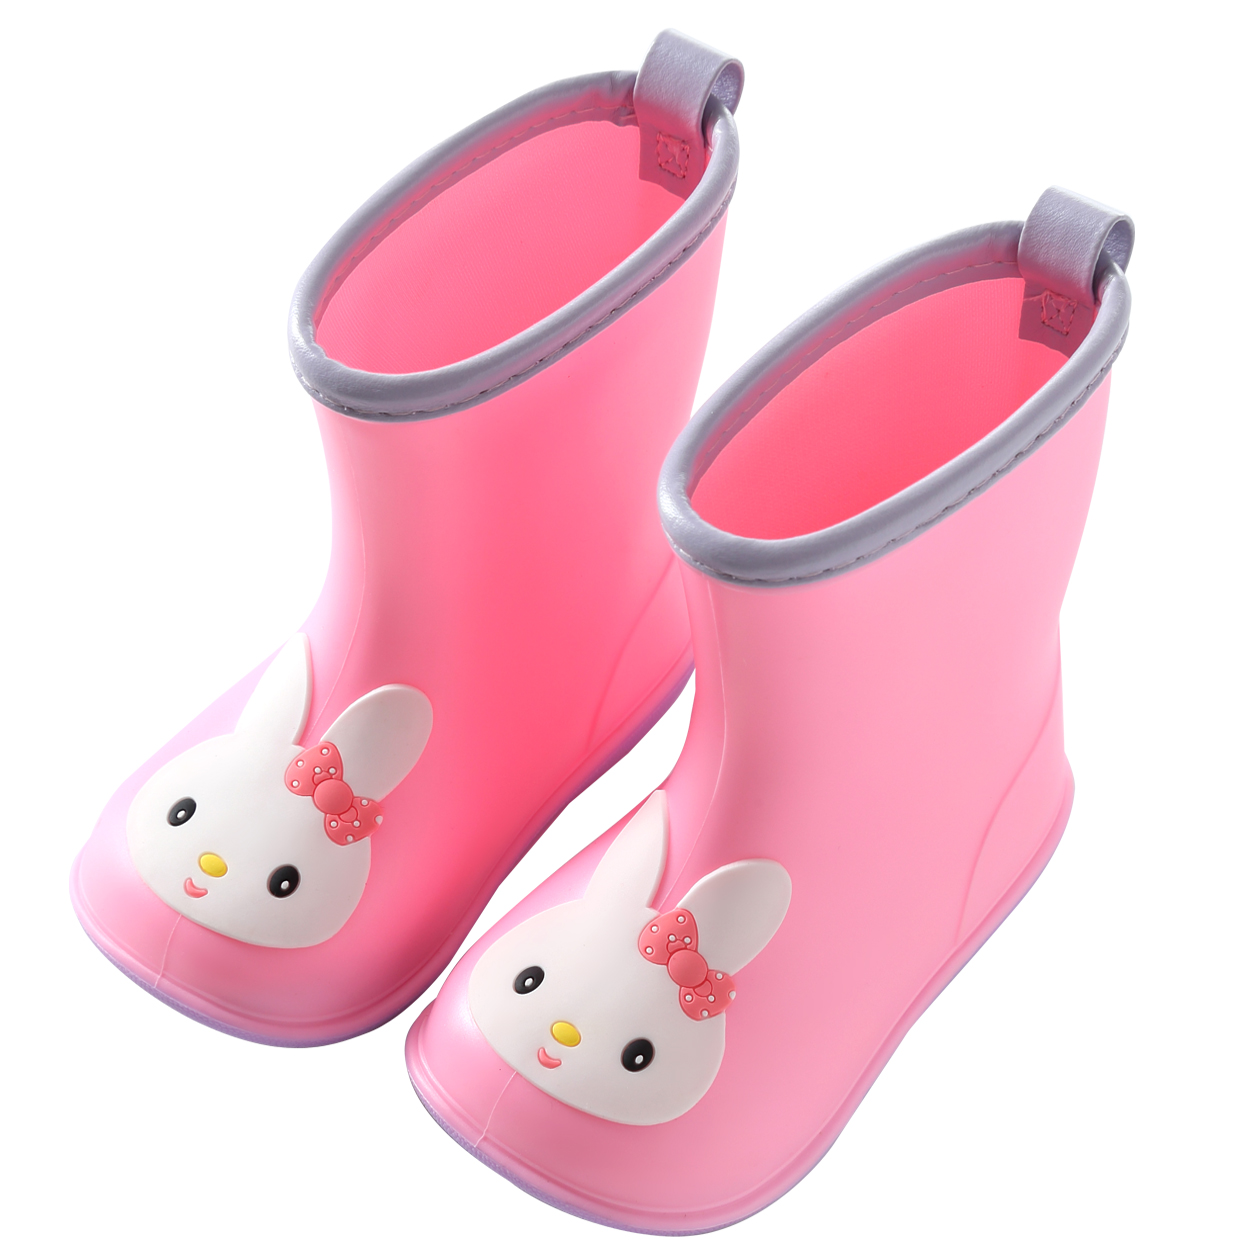 华香网红儿童雨鞋小黄鸭卡通雨靴男女宝宝幼儿胶鞋可爱学生防滑鞋